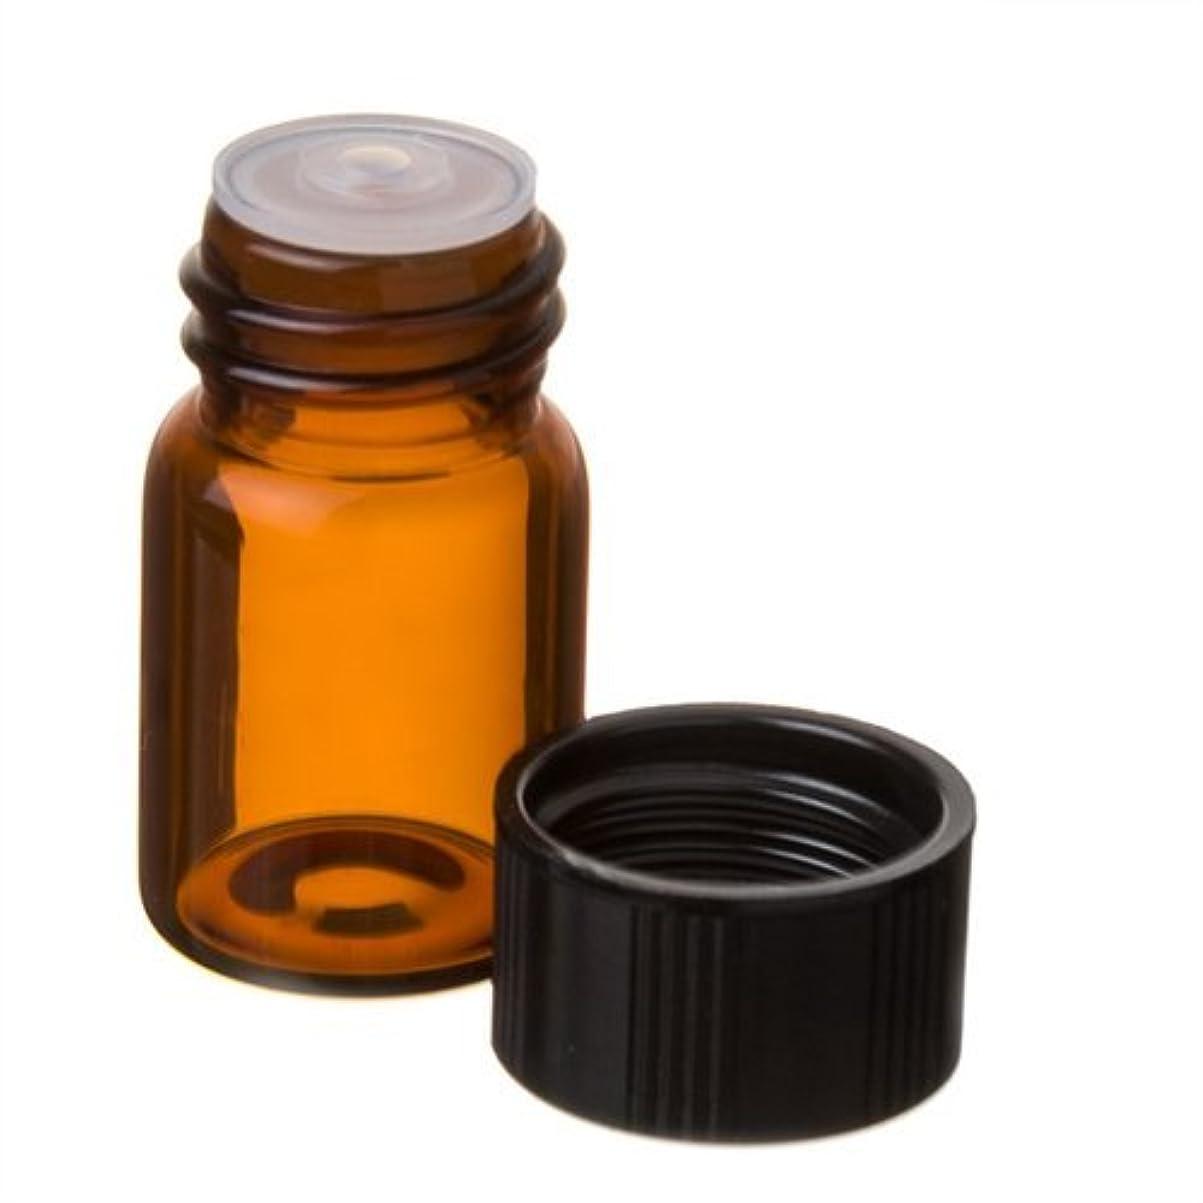 蒸ディスク小人5/8 Dram AMBER Glass Vial with Dropper Top for Essential Oils - Screw Cap w/Orifice Reducer - Pack of 12 Bulk...